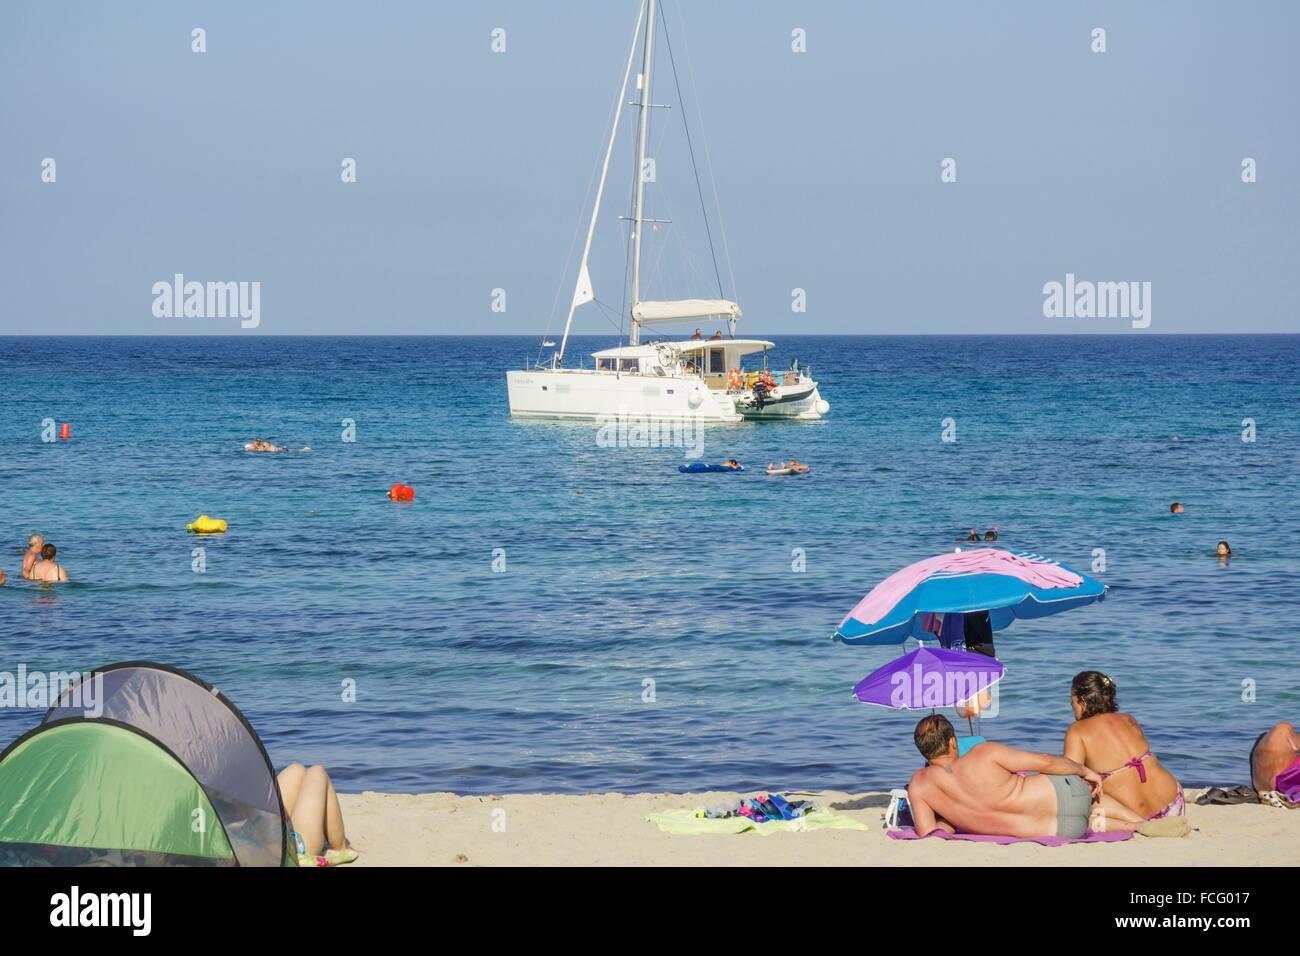 Sa Font de Sa Cala, municipio de Capdepera,Islas Baleares, Spagna. Immagini Stock